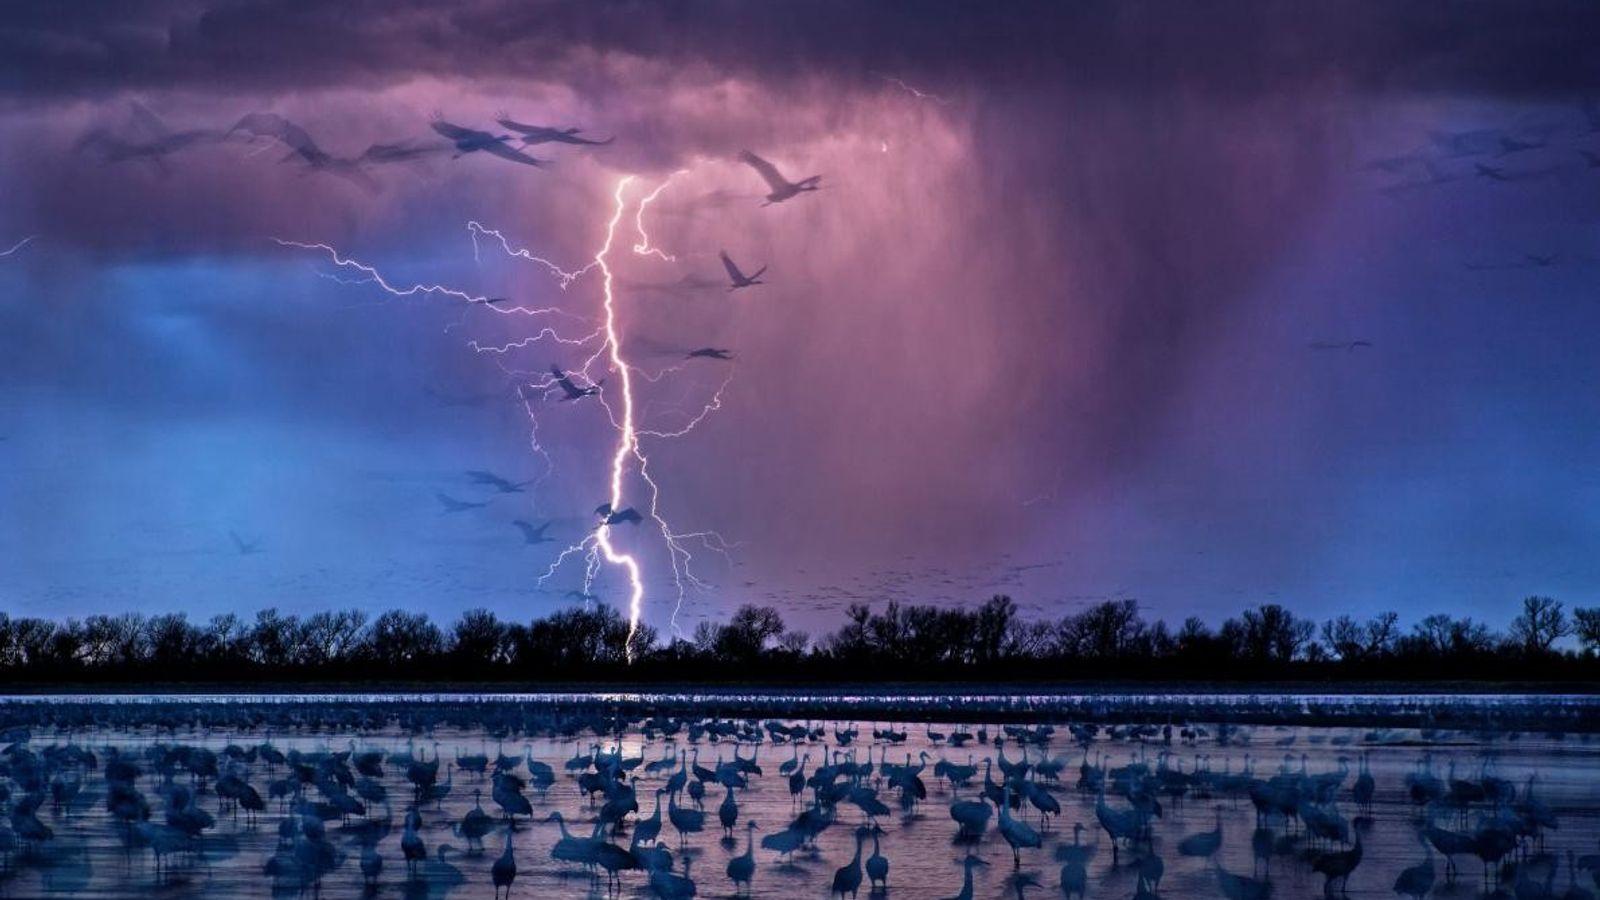 Les oiseaux des Grandes Plaines pataugent au bord de l'eau alors qu'une tempête commence à prendre ...